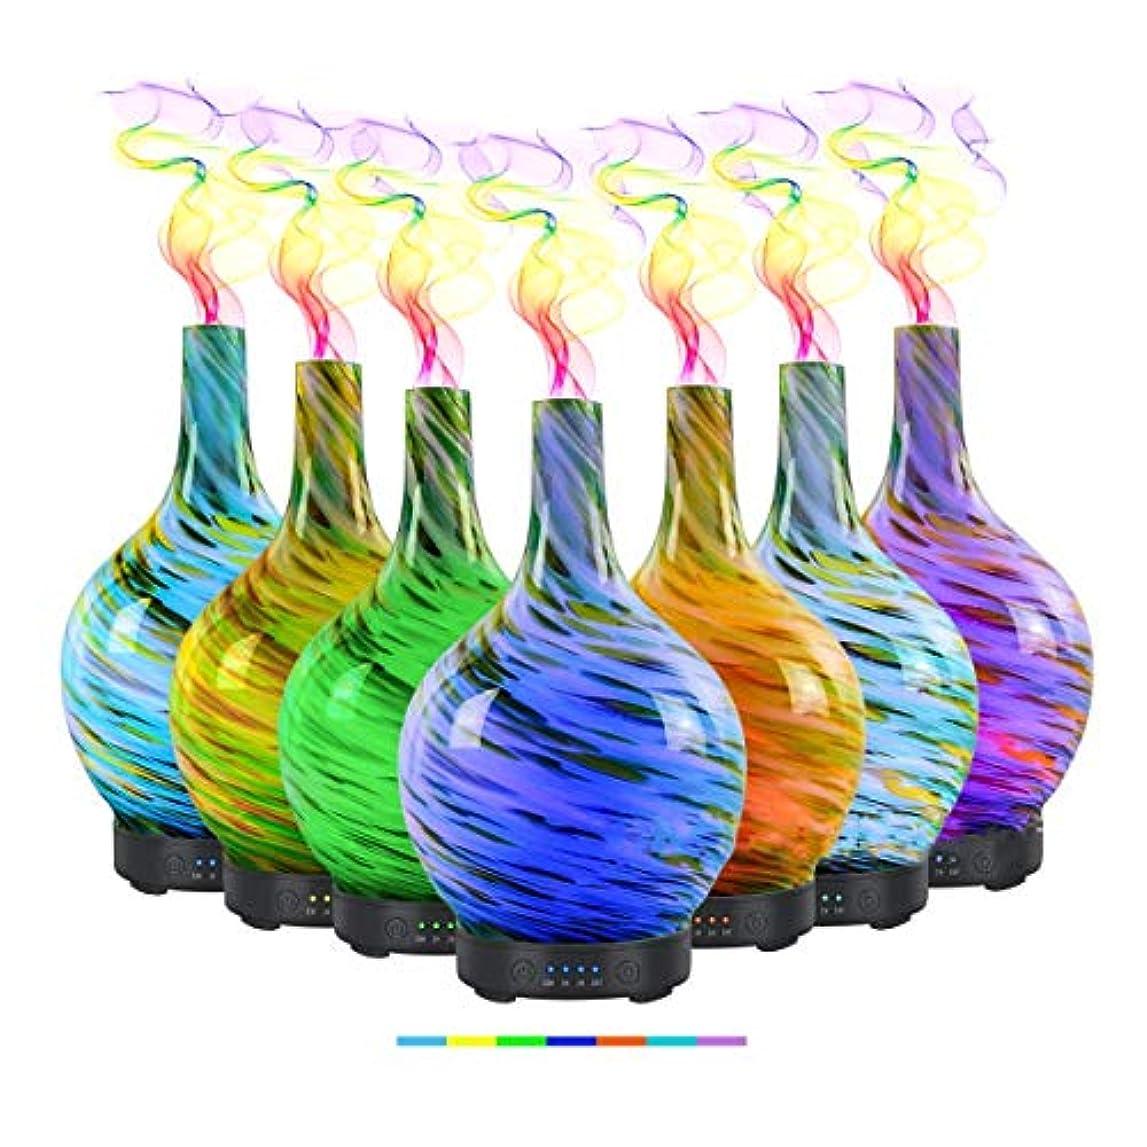 休日カイウス高潔なディフューザーエッセンシャルオイル (100ml)-3 d アートガラス葉海アロマ加湿器7色の変更 LED ライト & 4 タイマー設定、水なしの自動シャットオフ